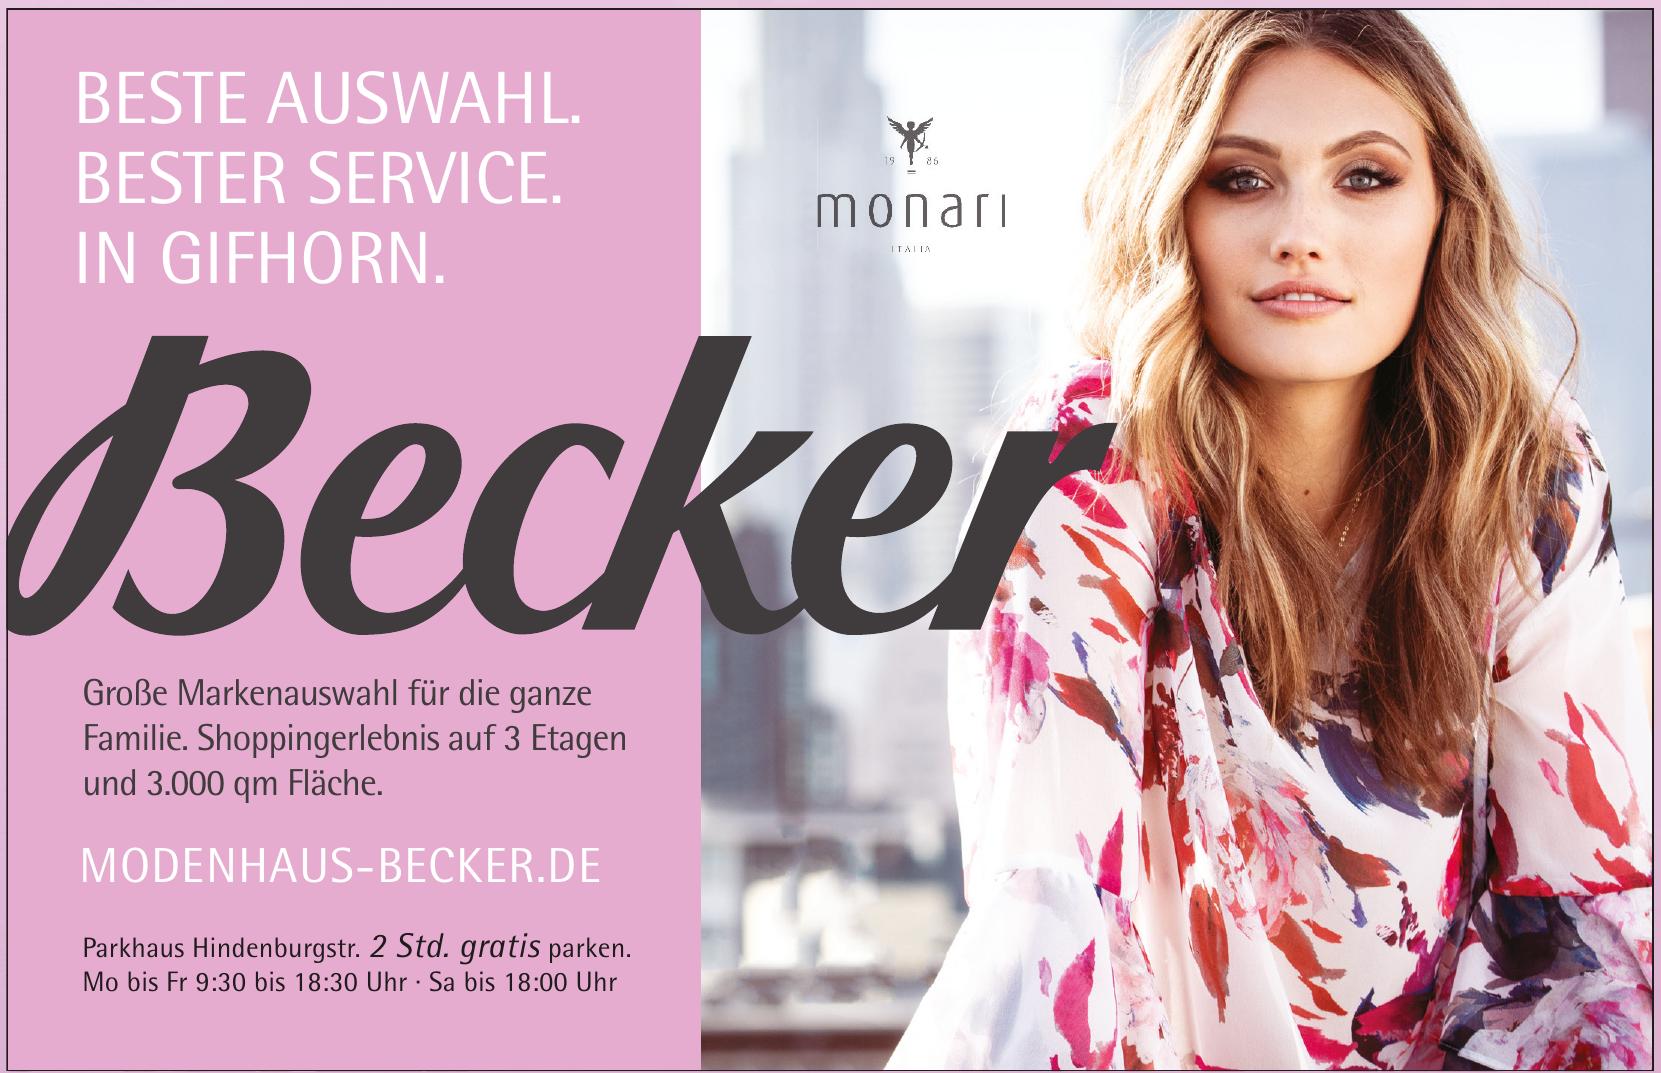 Modehaus Becker